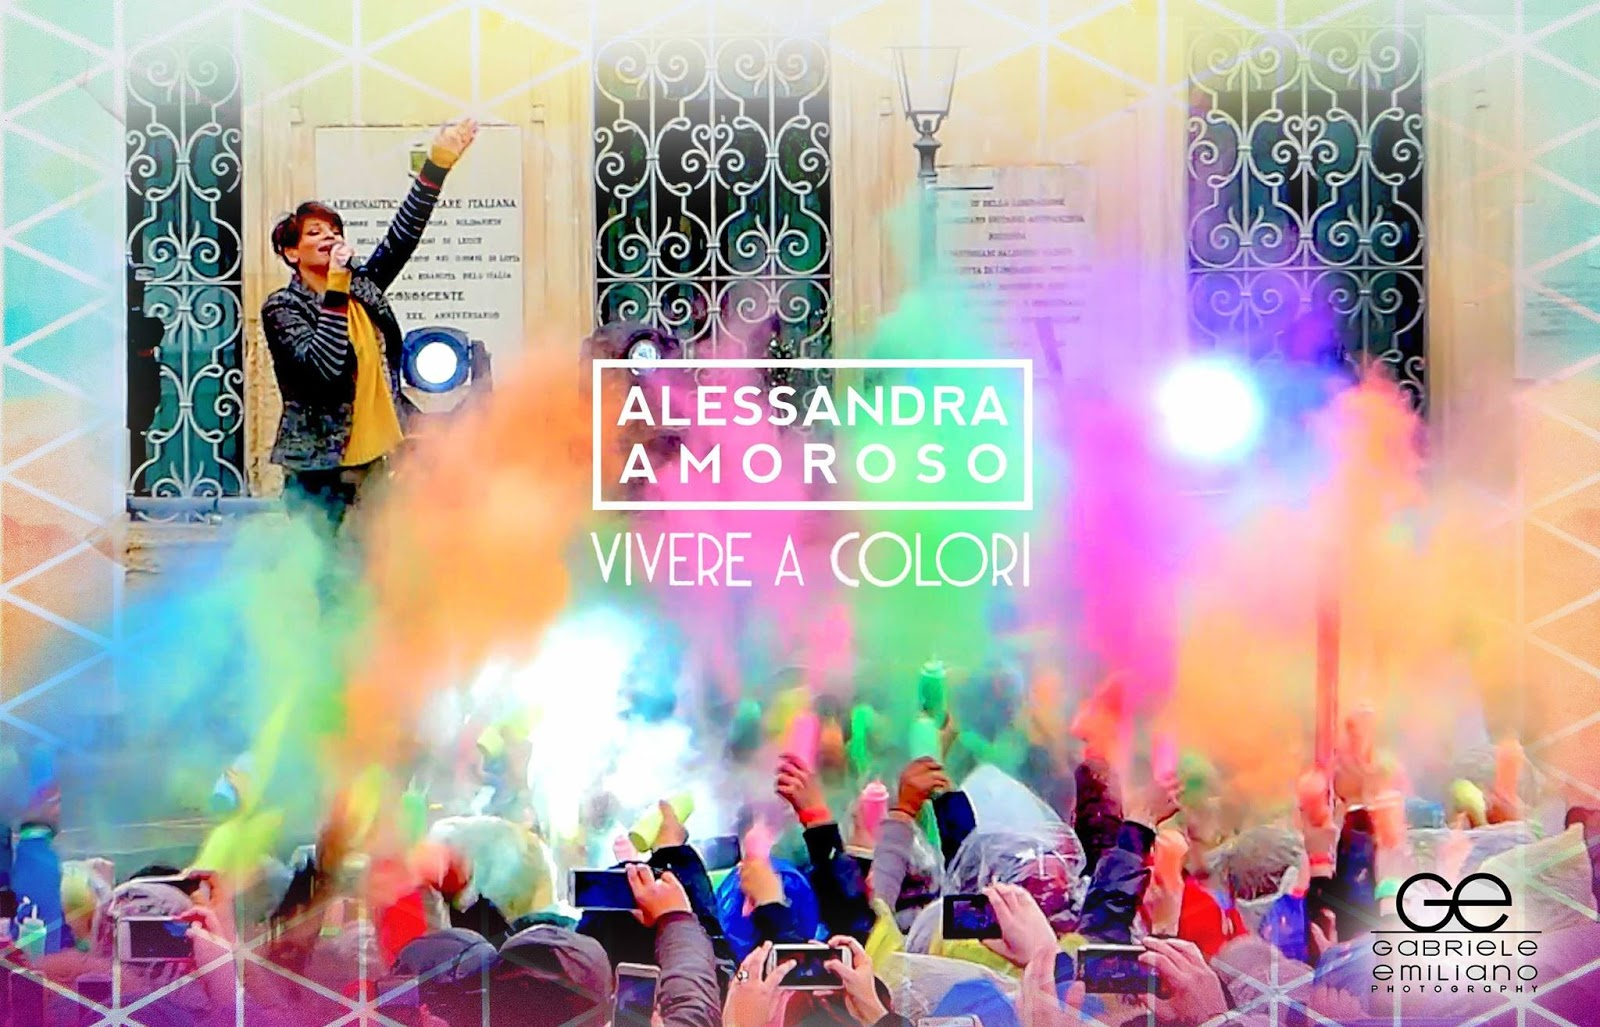 Nel tuo disordine - Alessandra Amoroso: testo, video e traduzione